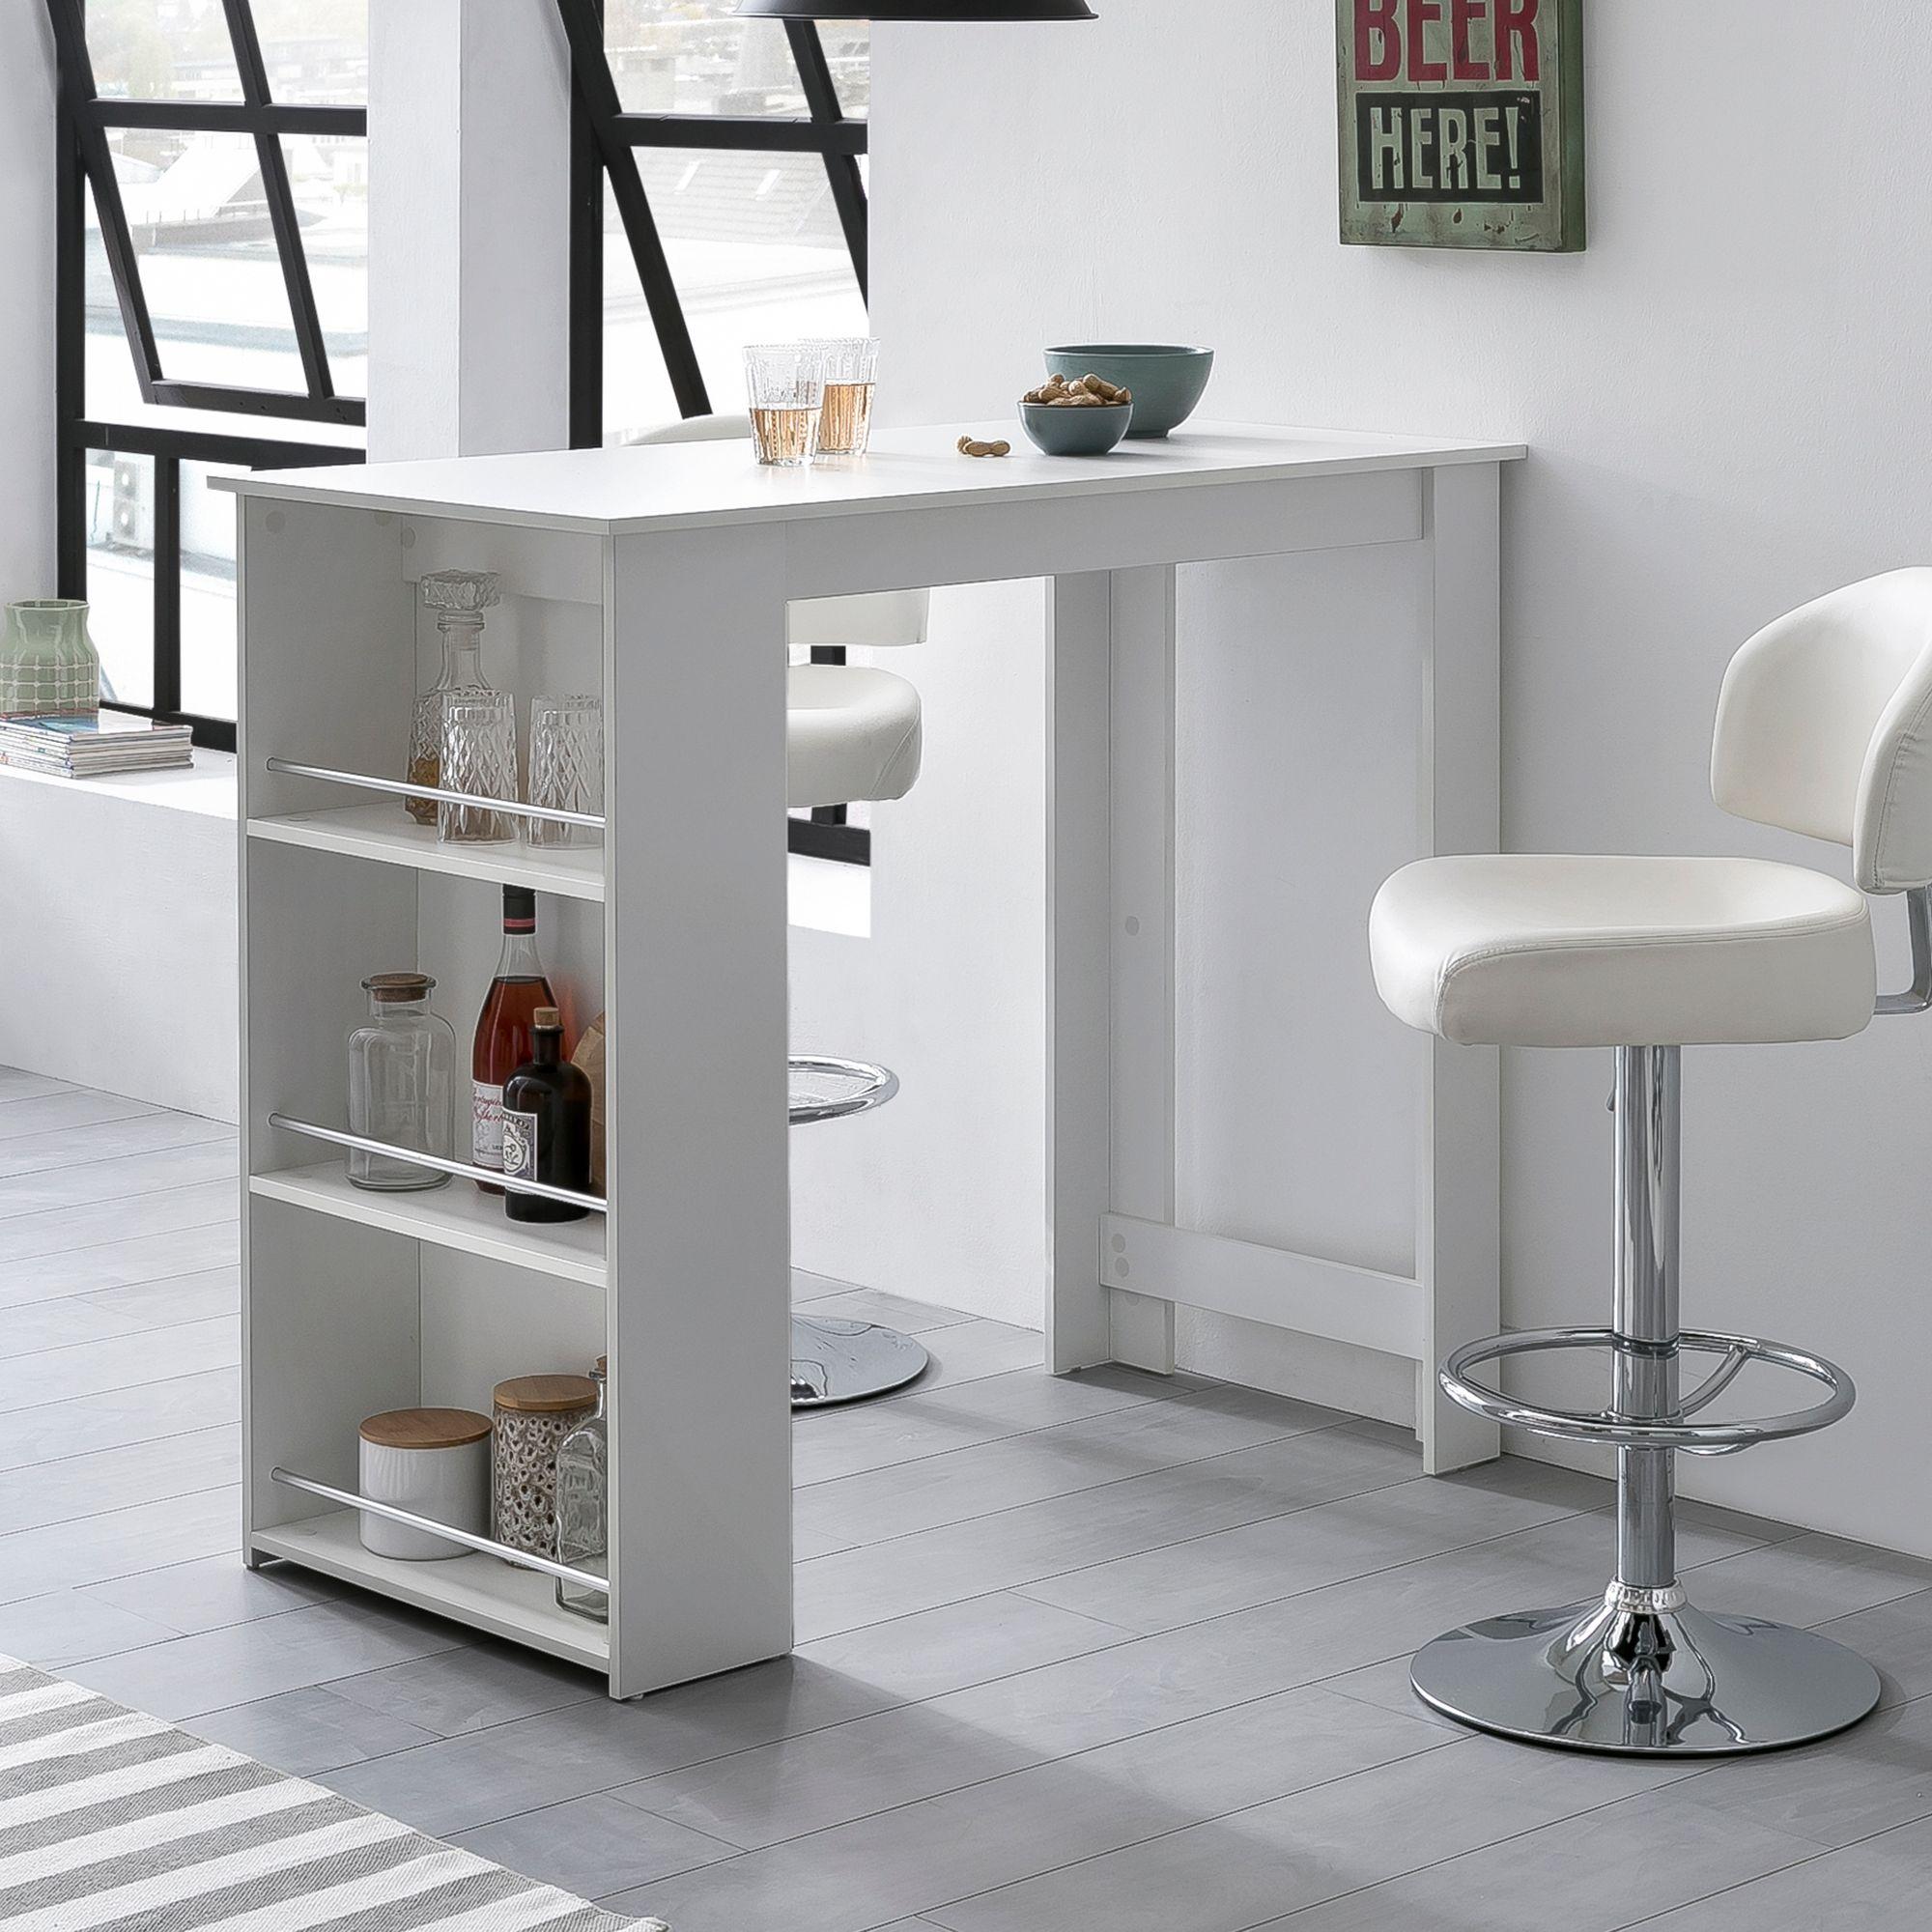 Full Size of Küchenbartisch Bartisch Wei 120 Online Kaufen Wohnzimmer Küchenbartisch